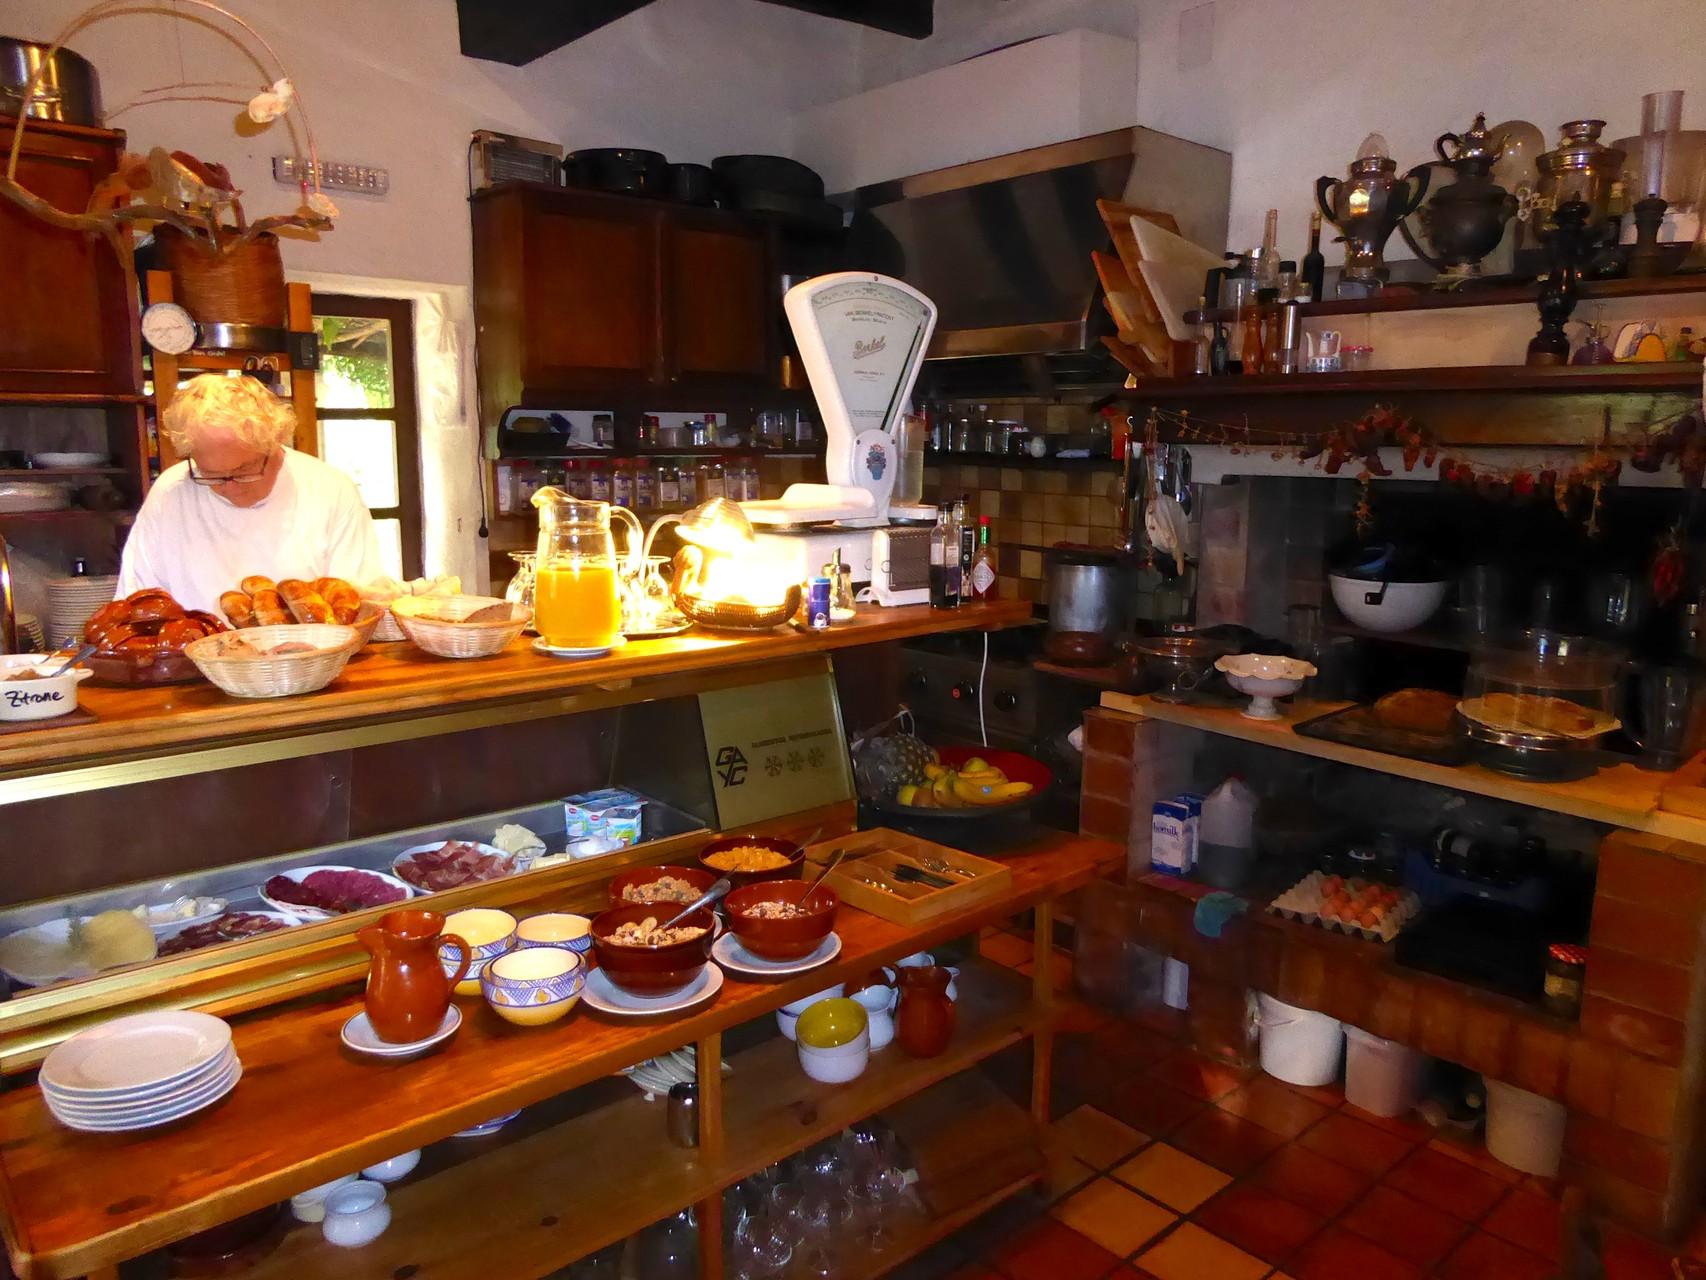 """...  tägliches Brunchbuffet mit Eiern von """"glücklichen"""" Hühnern, selbst gebackenem Brot, frischen Gipfeli, hausgemachter Marmelade, bestem Serrano-Schinken etc."""